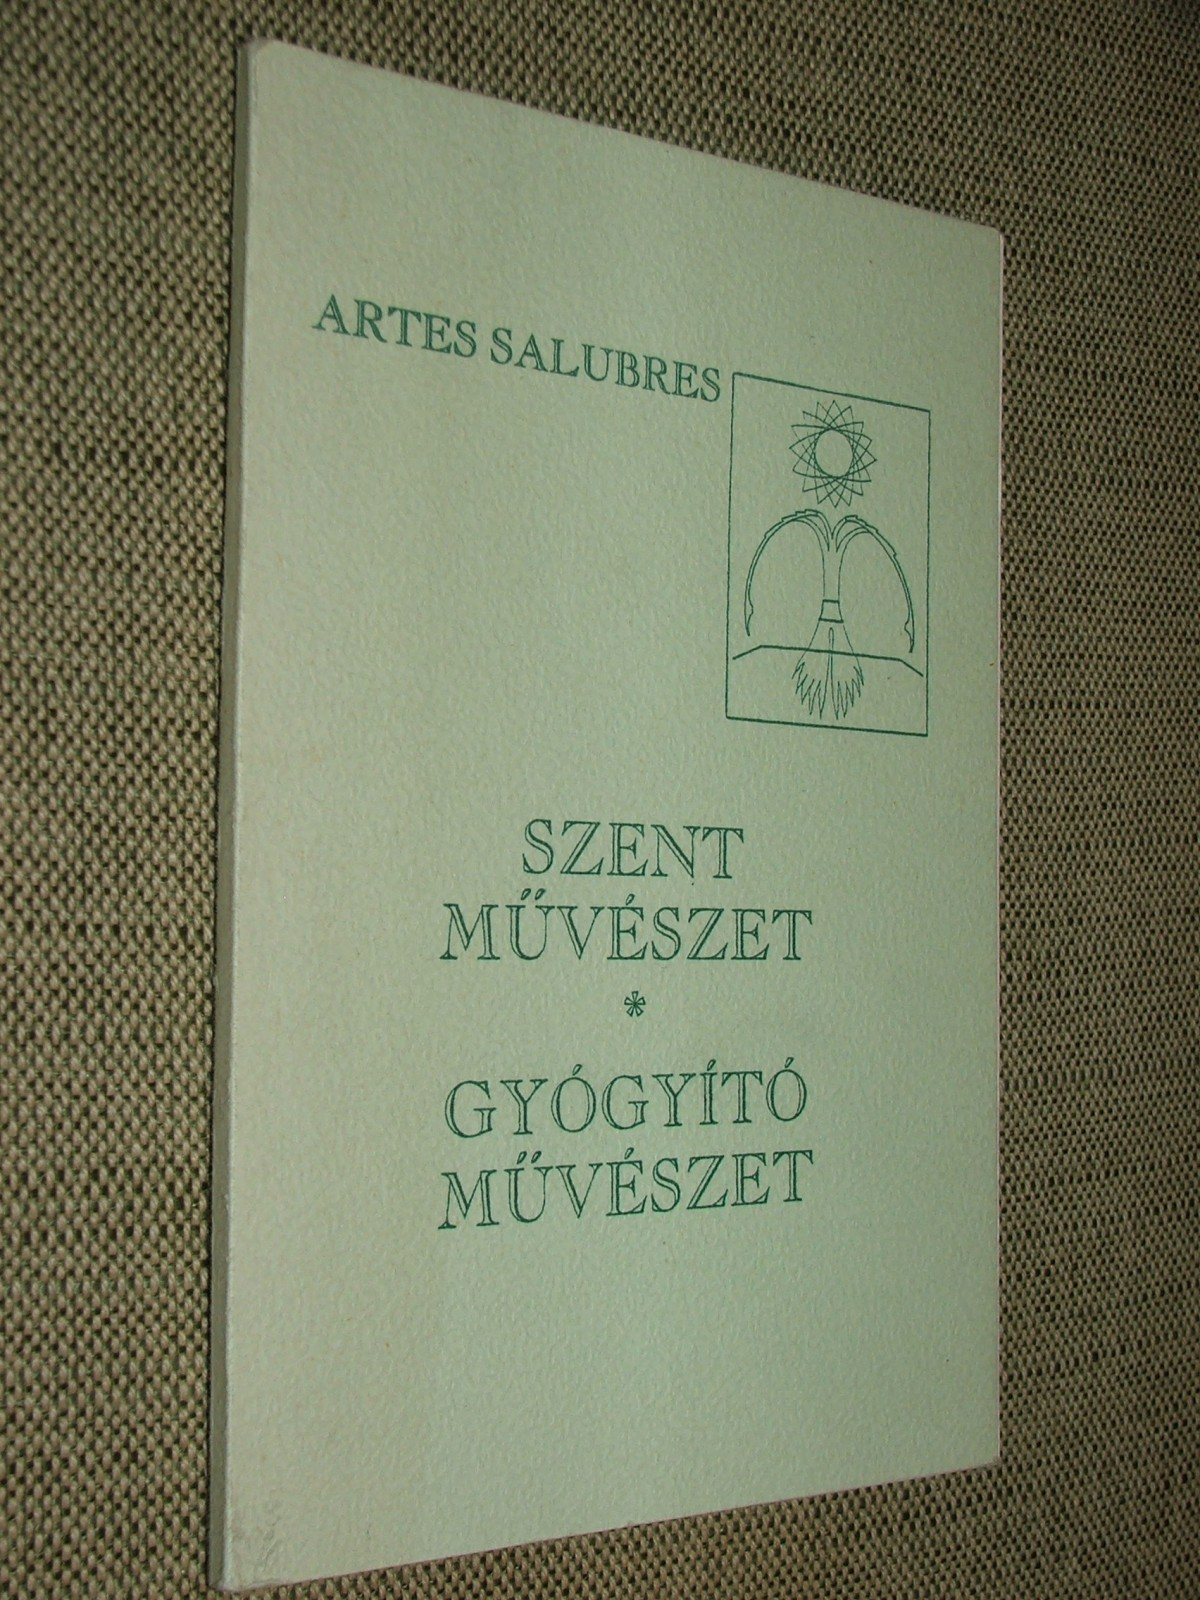 LŐRINCZ Zoltán: Szent-művészet, gyógyító művészet